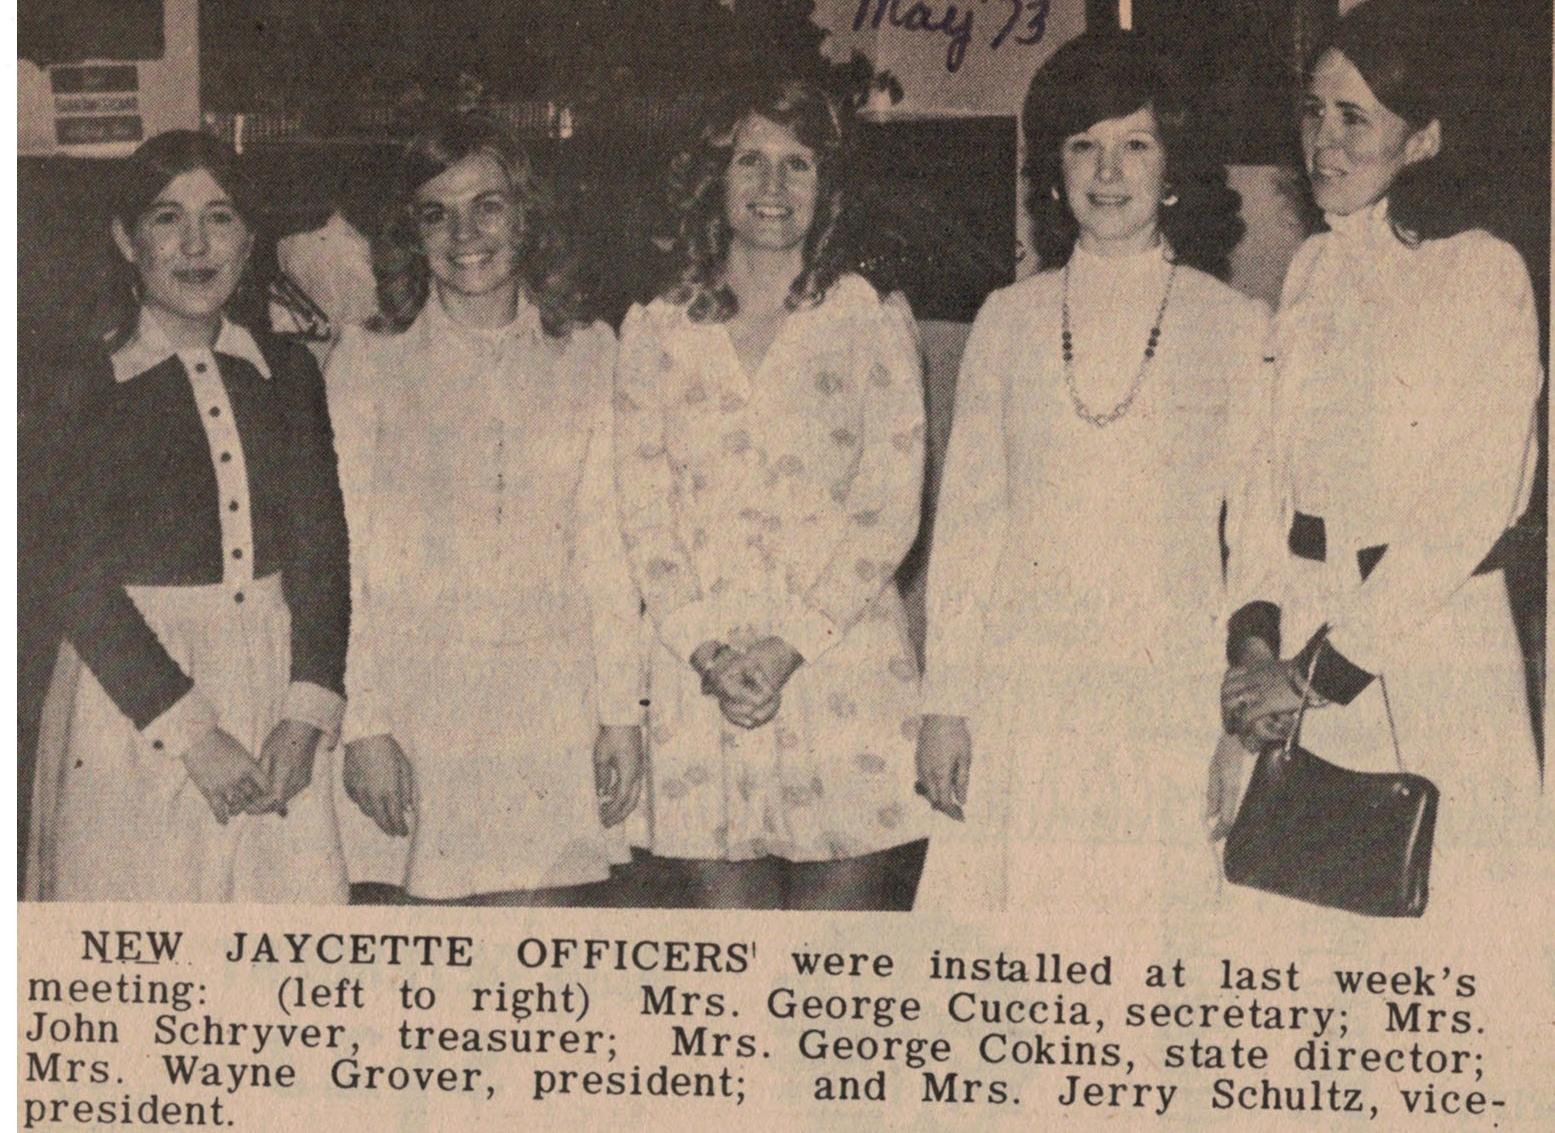 1973 Jaycettes Board